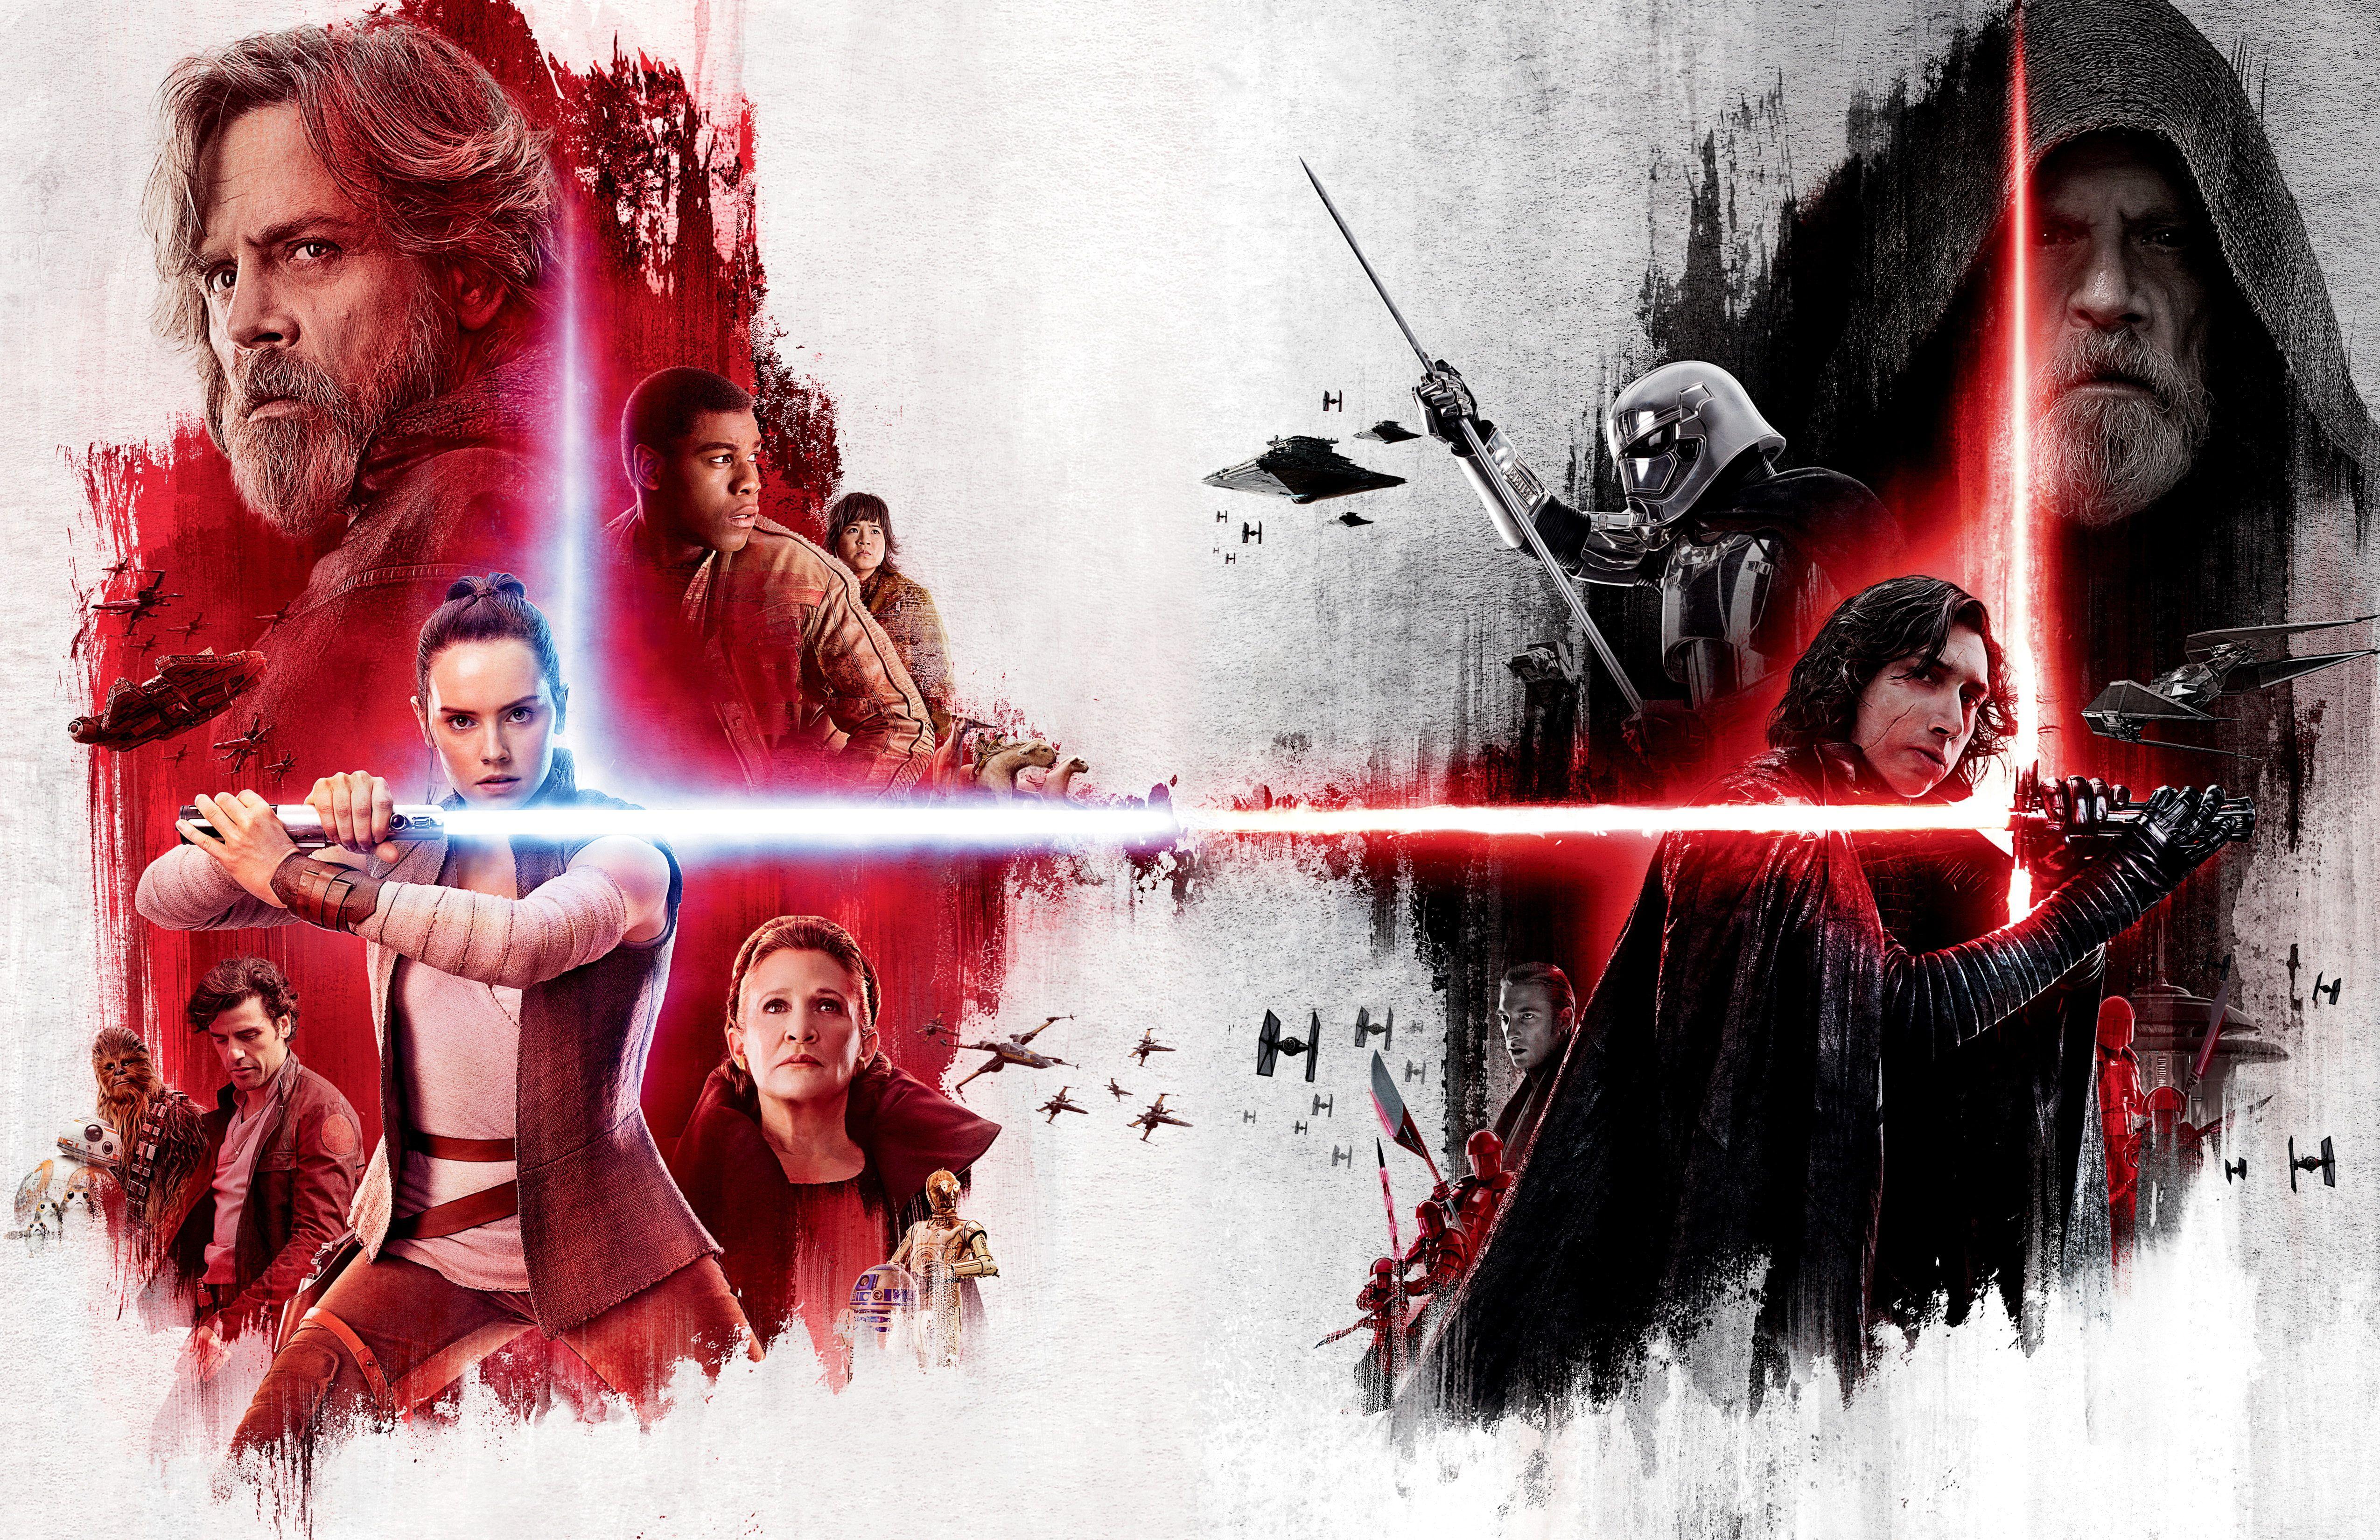 Rey 5k Kylo Ren Key Art Star Wars The Last Jedi 2017 4k